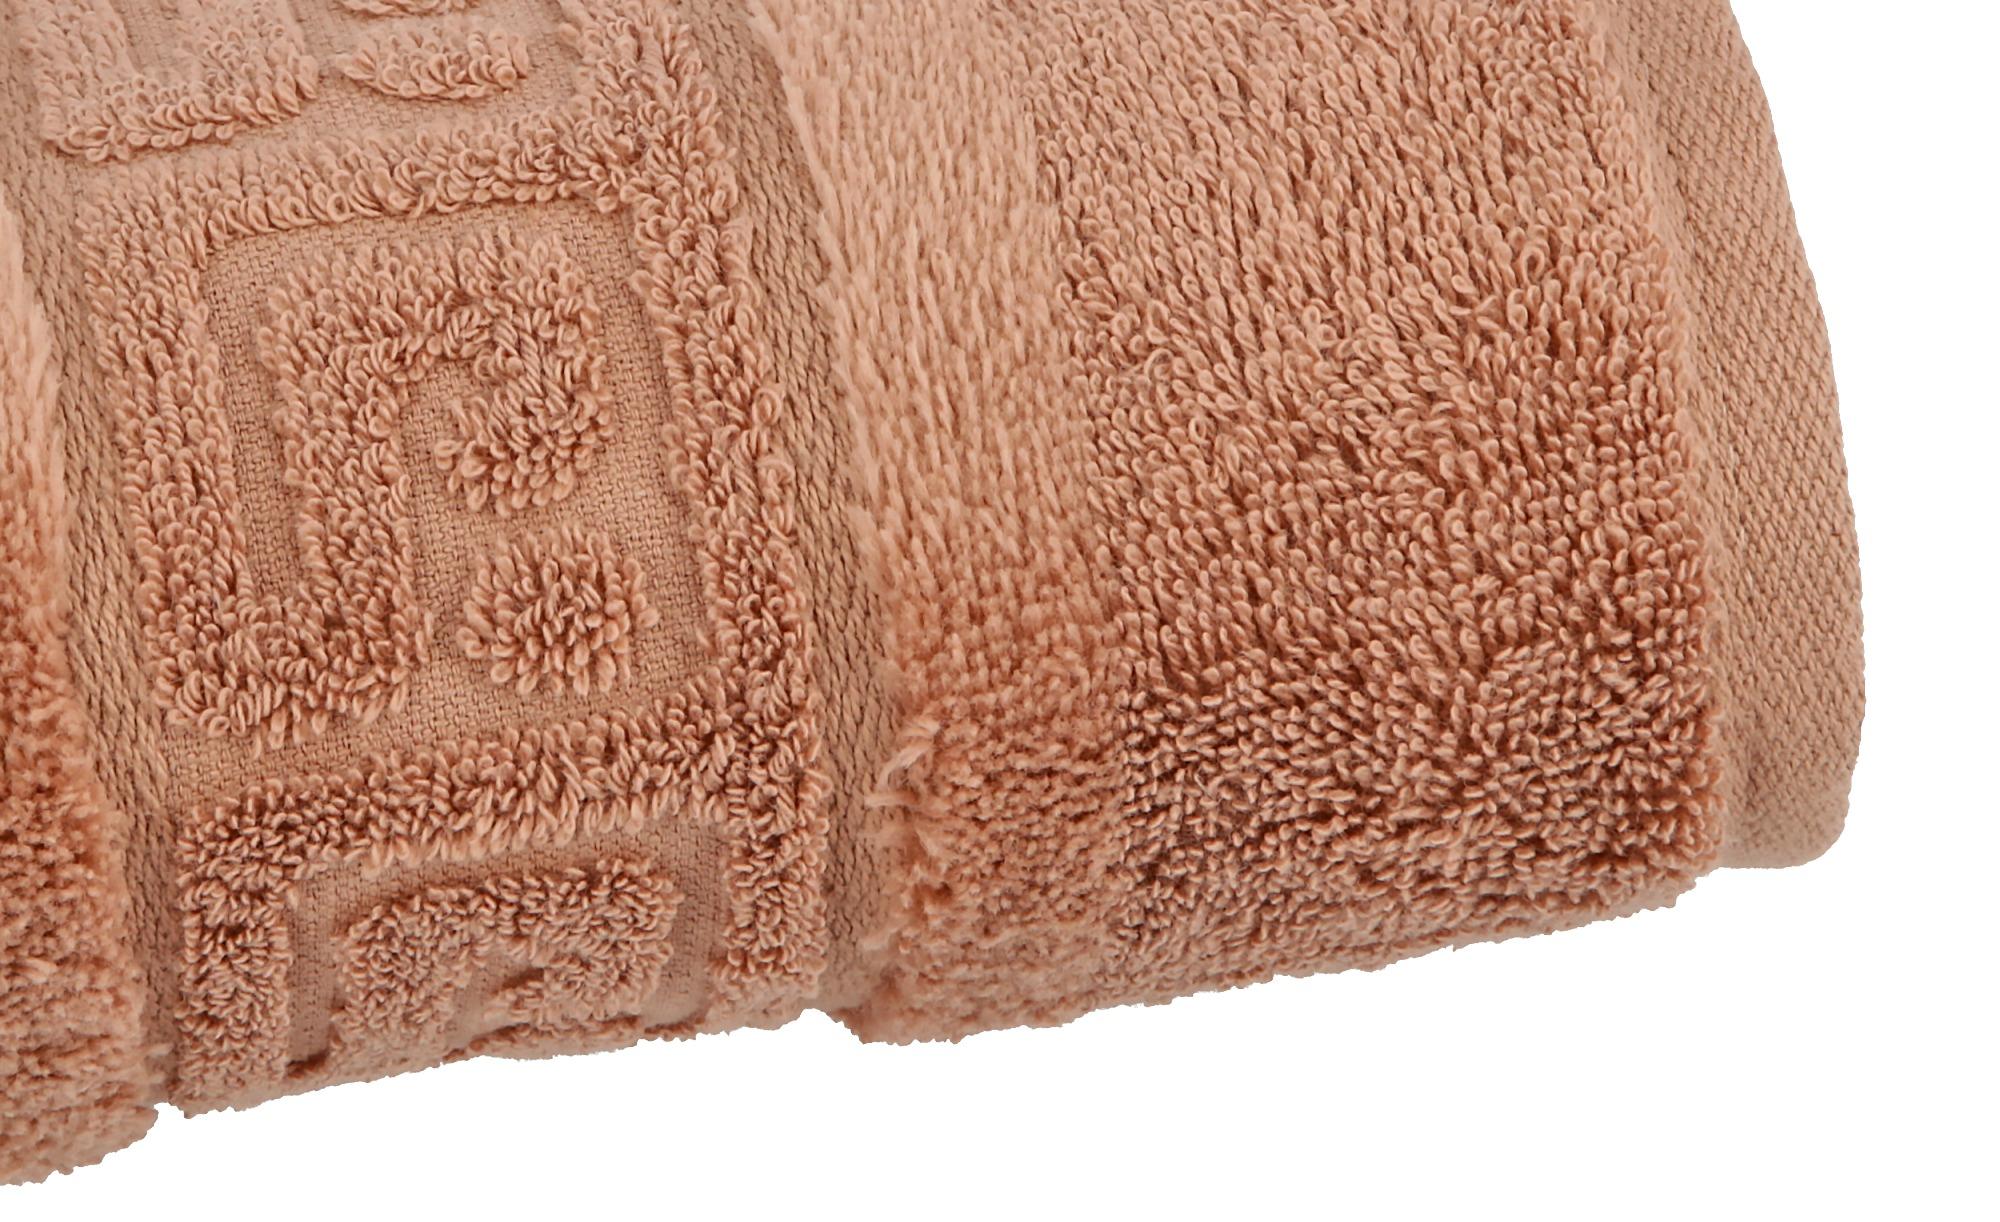 CaWö Handtuch  1001 ¦ braun ¦ 100% Baumwolle ¦ Maße (cm): B: 50 Badtextilien und Zubehör > Handtücher - Höffner